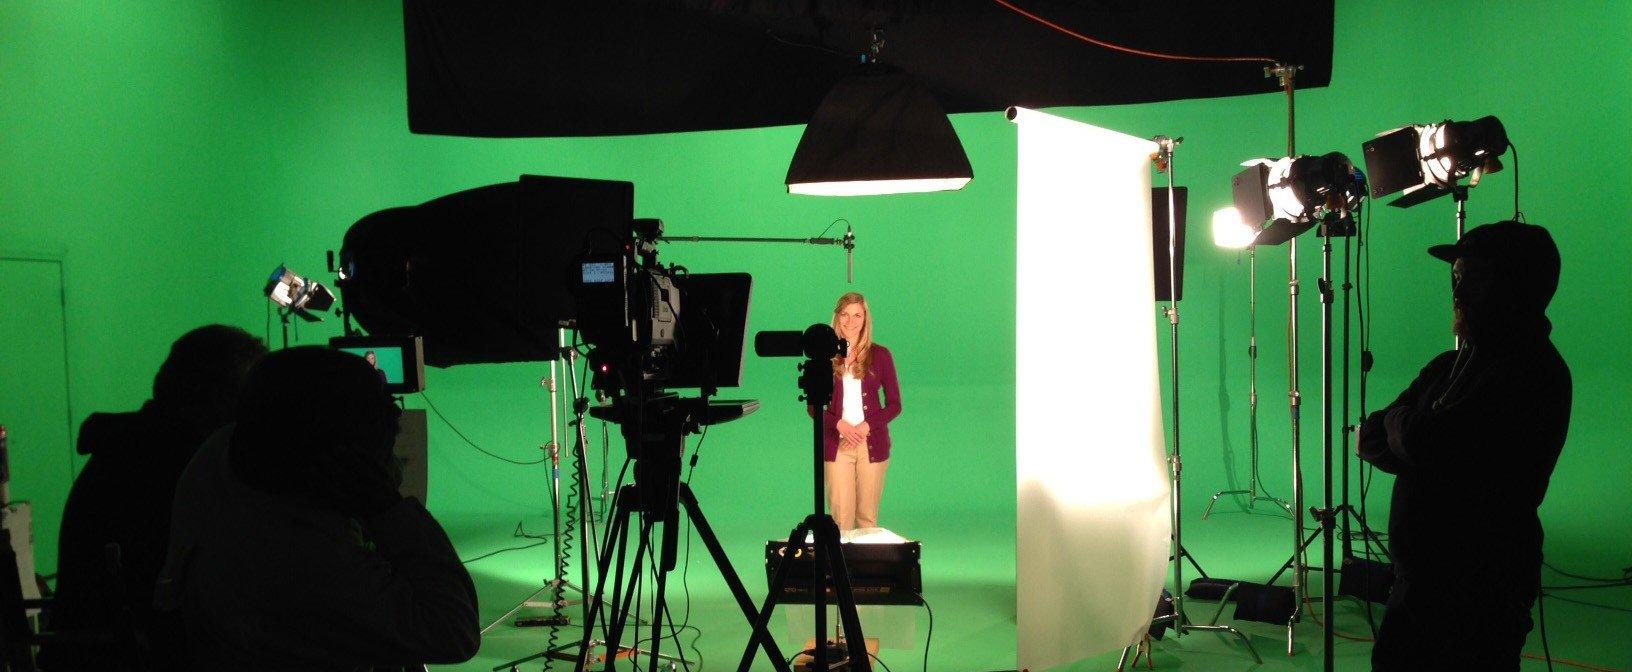 filming NKB tv commercials